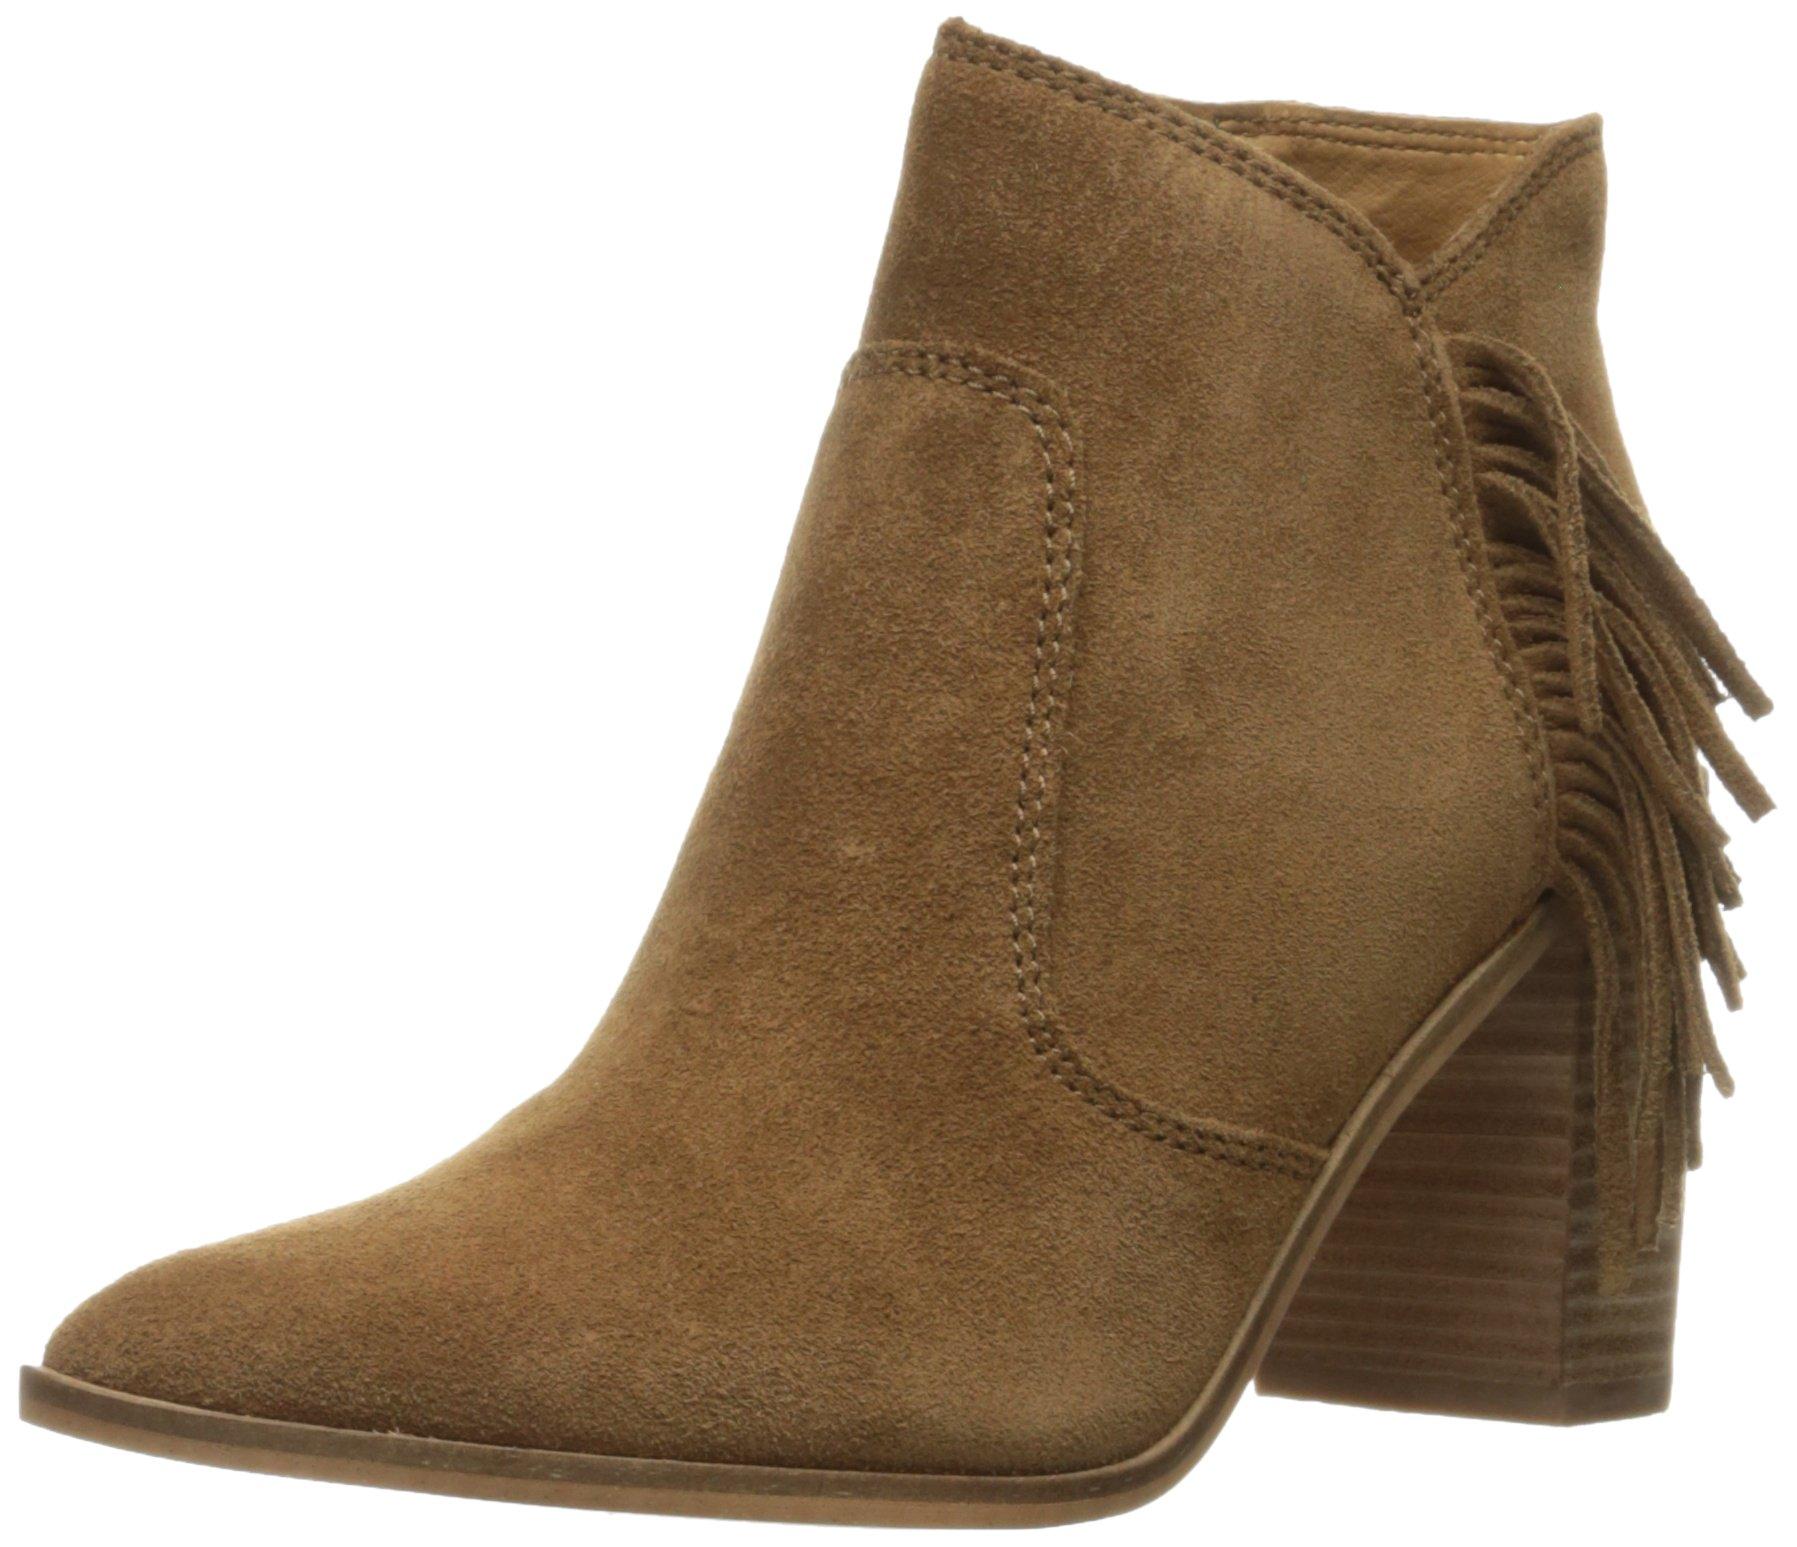 Lucky Brand Women's Mercerr Boot, Honey, 8.5 M US